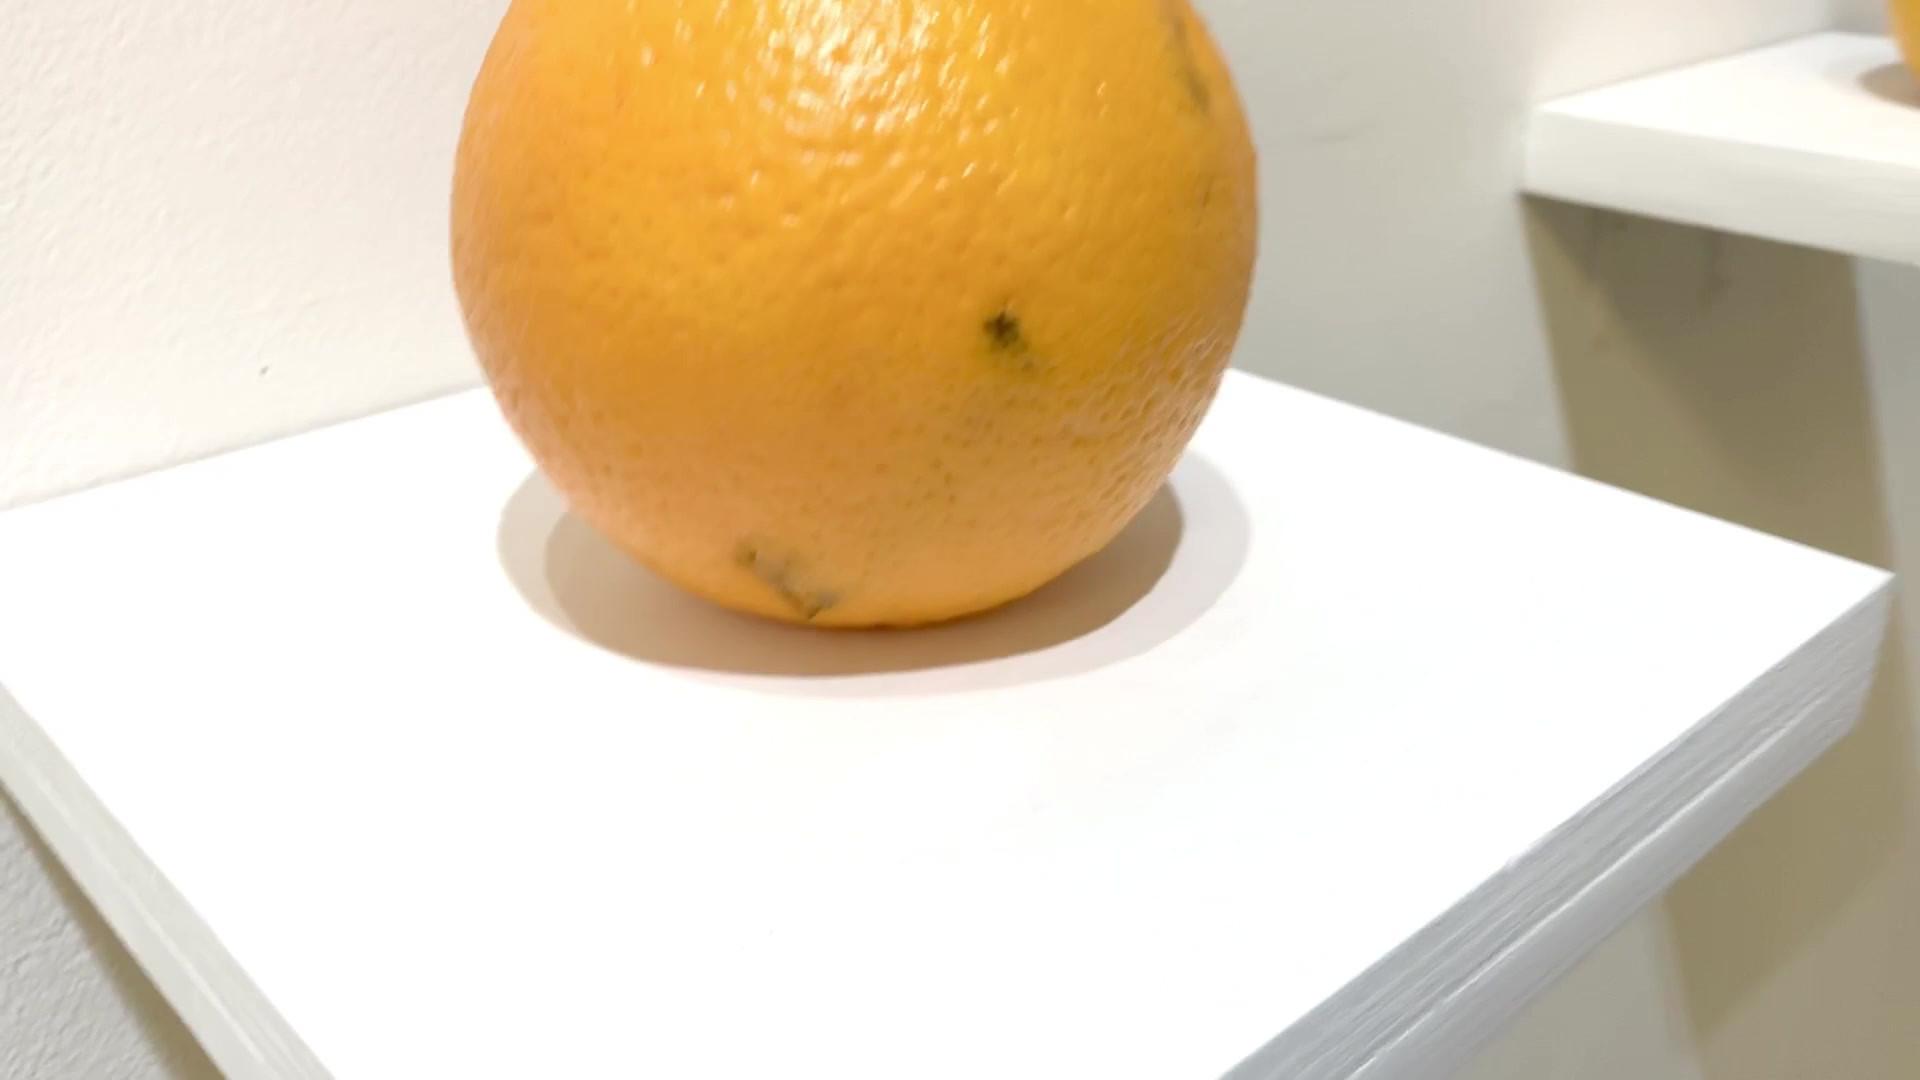 06 Jiang, Kunjin Breathing Oranges.mp4